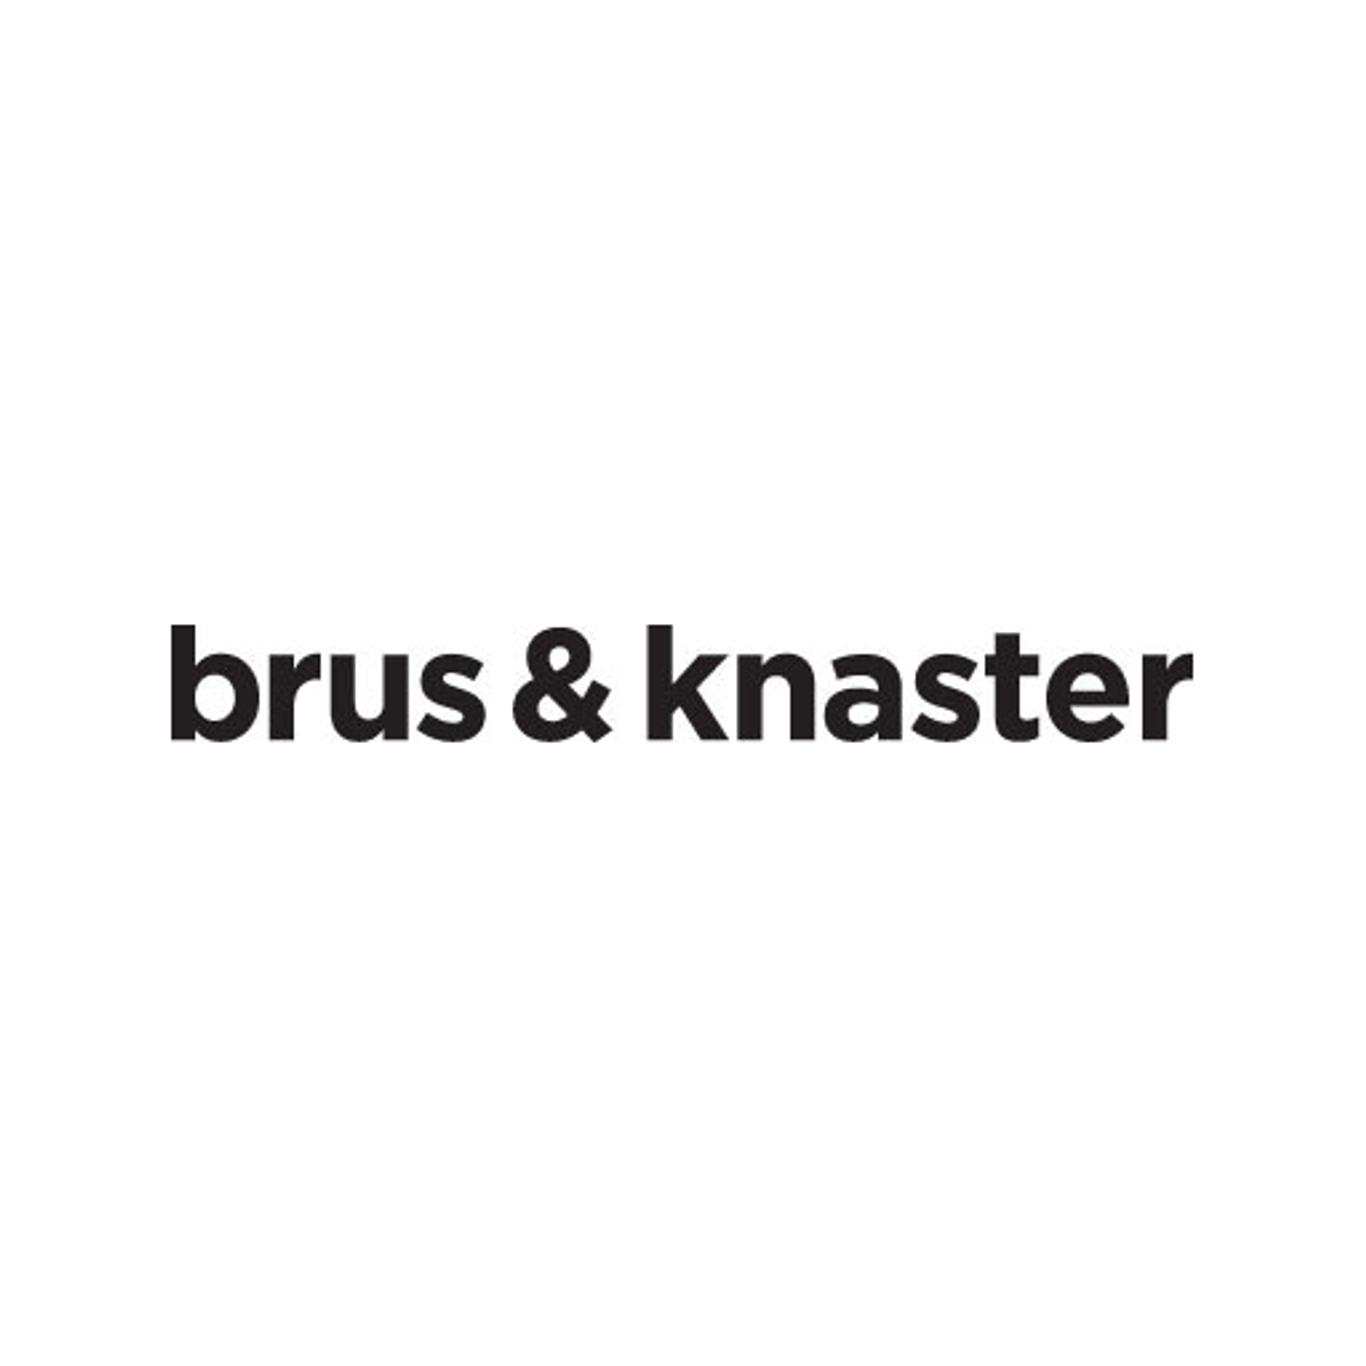 Brus & Knaster